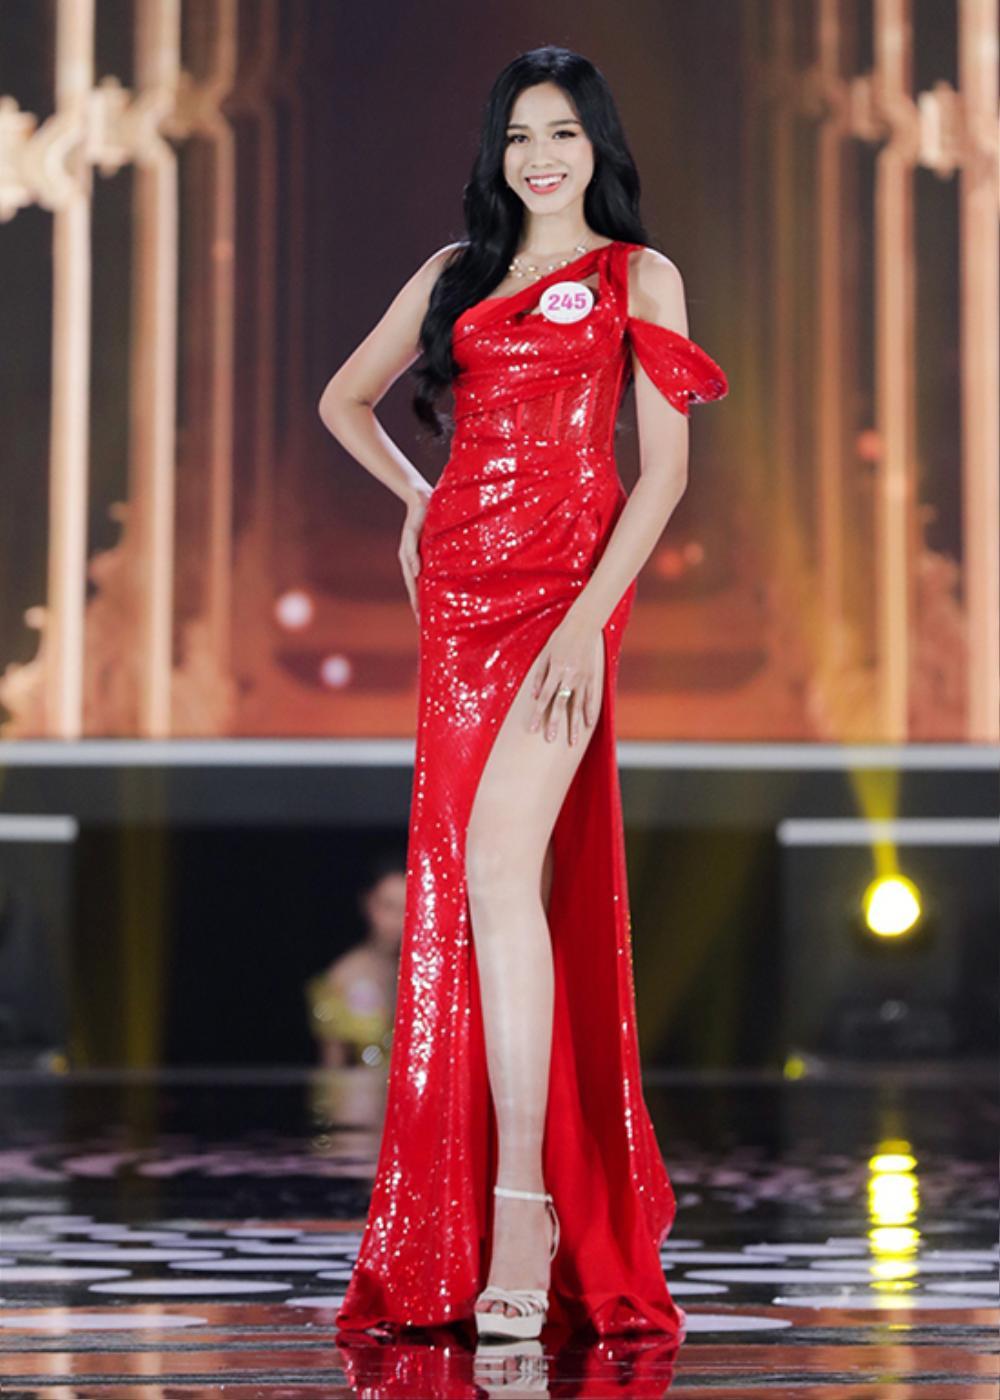 Đỗ Thị Hà bao phen khiến fan chao đảo vì váy xẻ cao ngút ngàn, khoe đôi chân cực phẩm 1m1 Ảnh 9